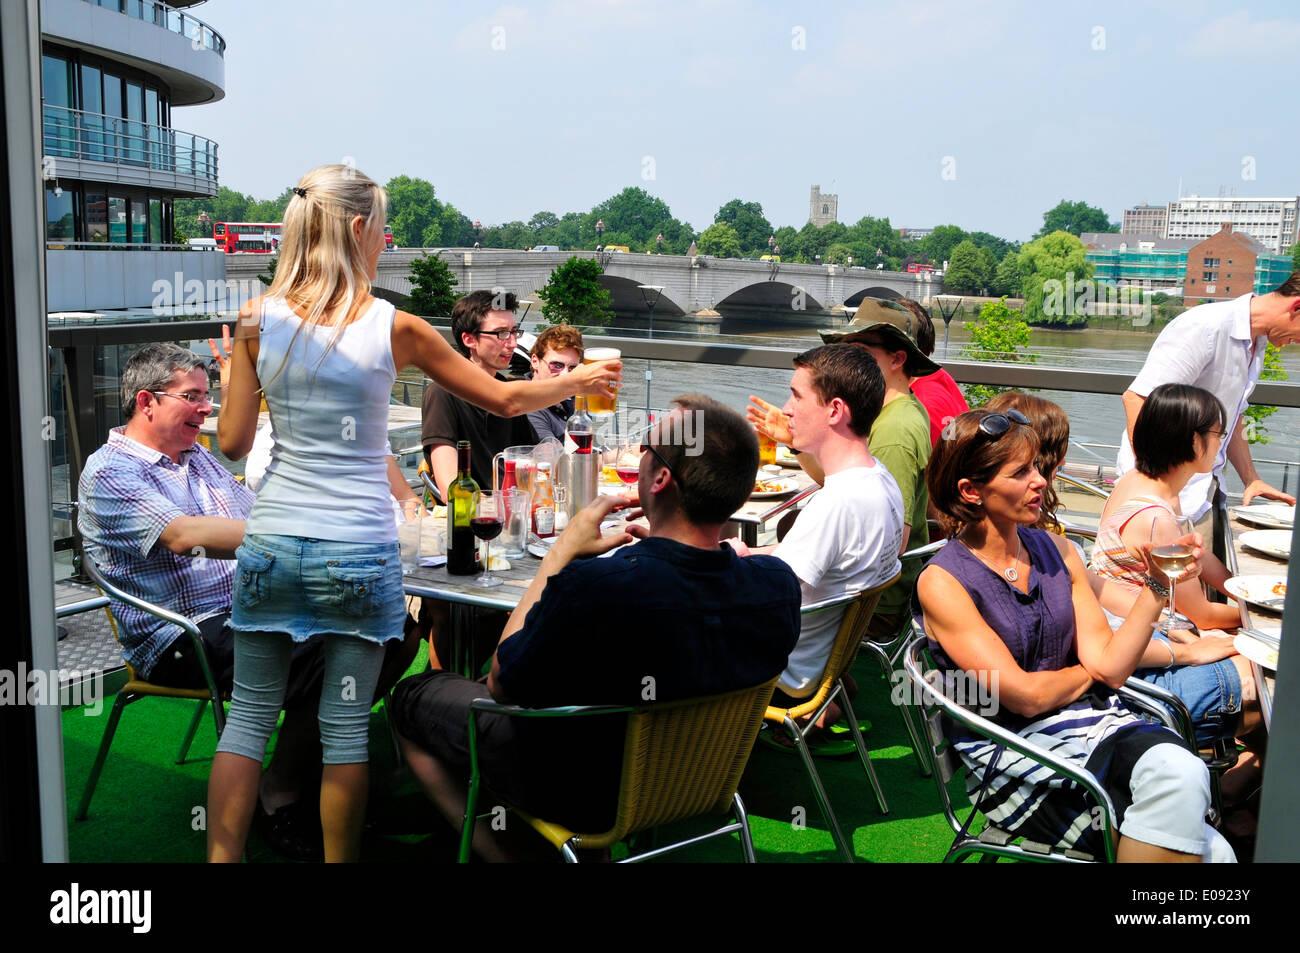 Los bebedores en el balcón del Boathouse pub, Putney, Londres, Inglaterra Imagen De Stock